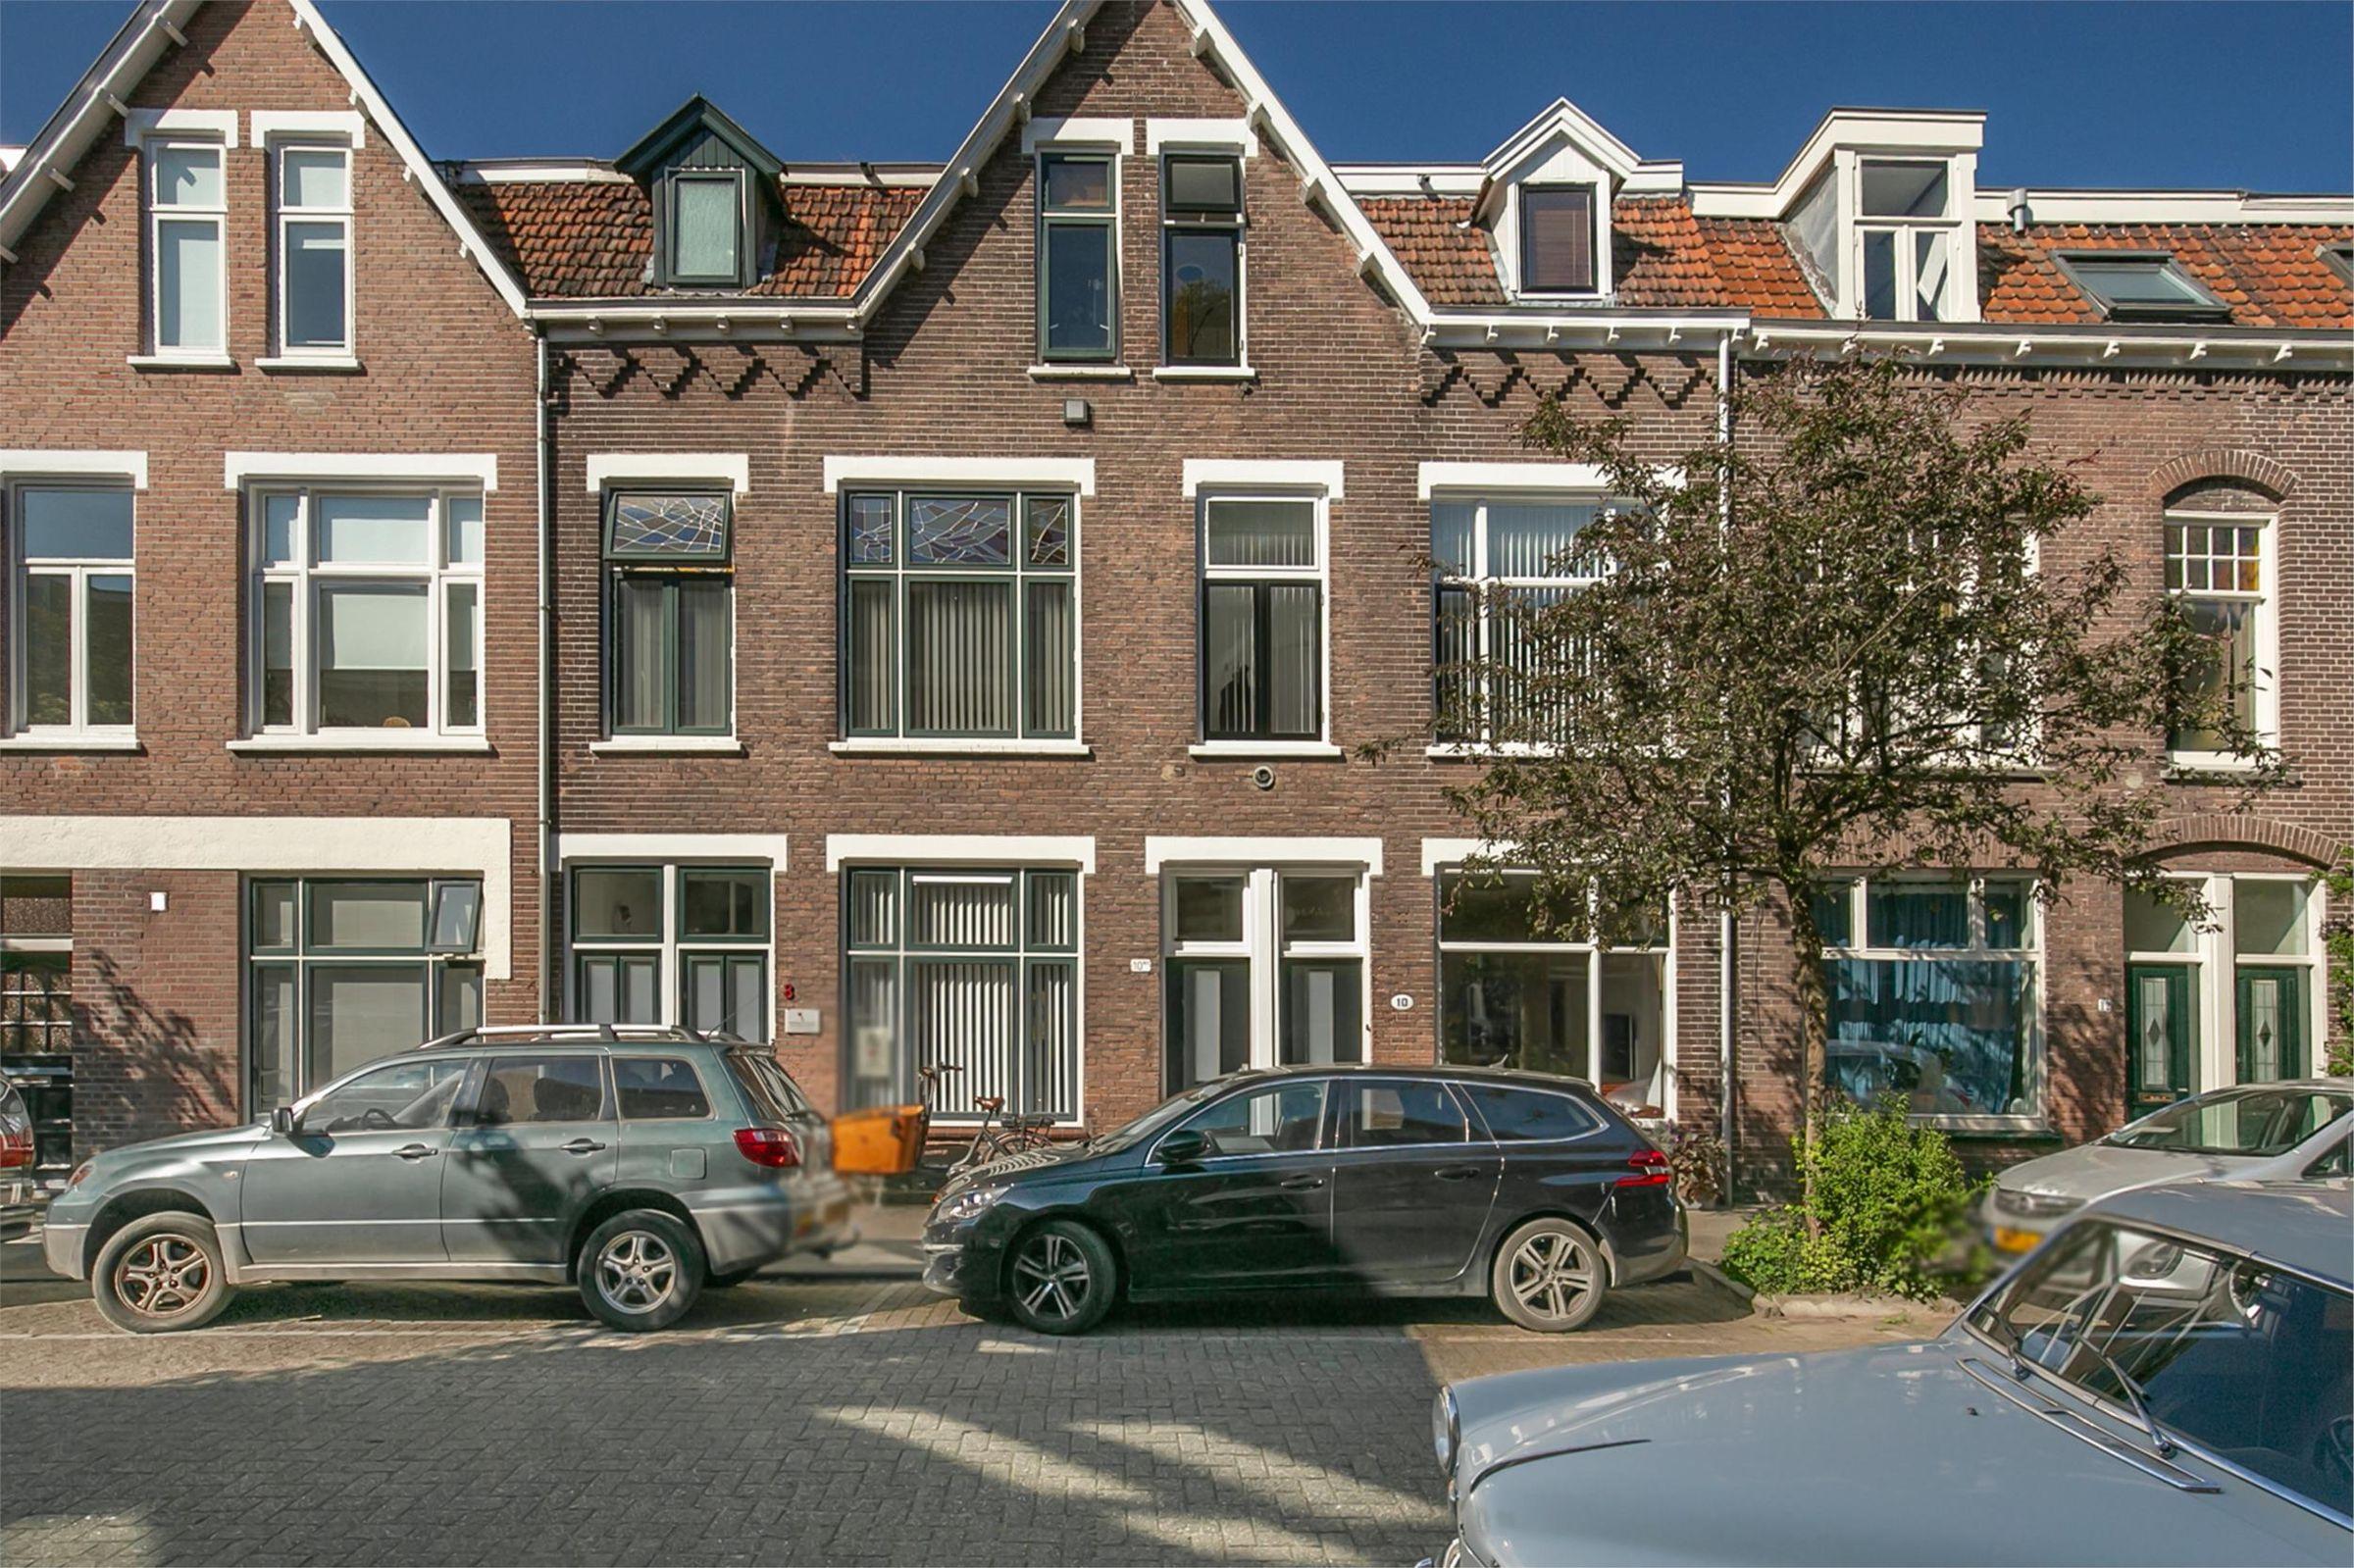 Coornhertstraat 10BS, Utrecht